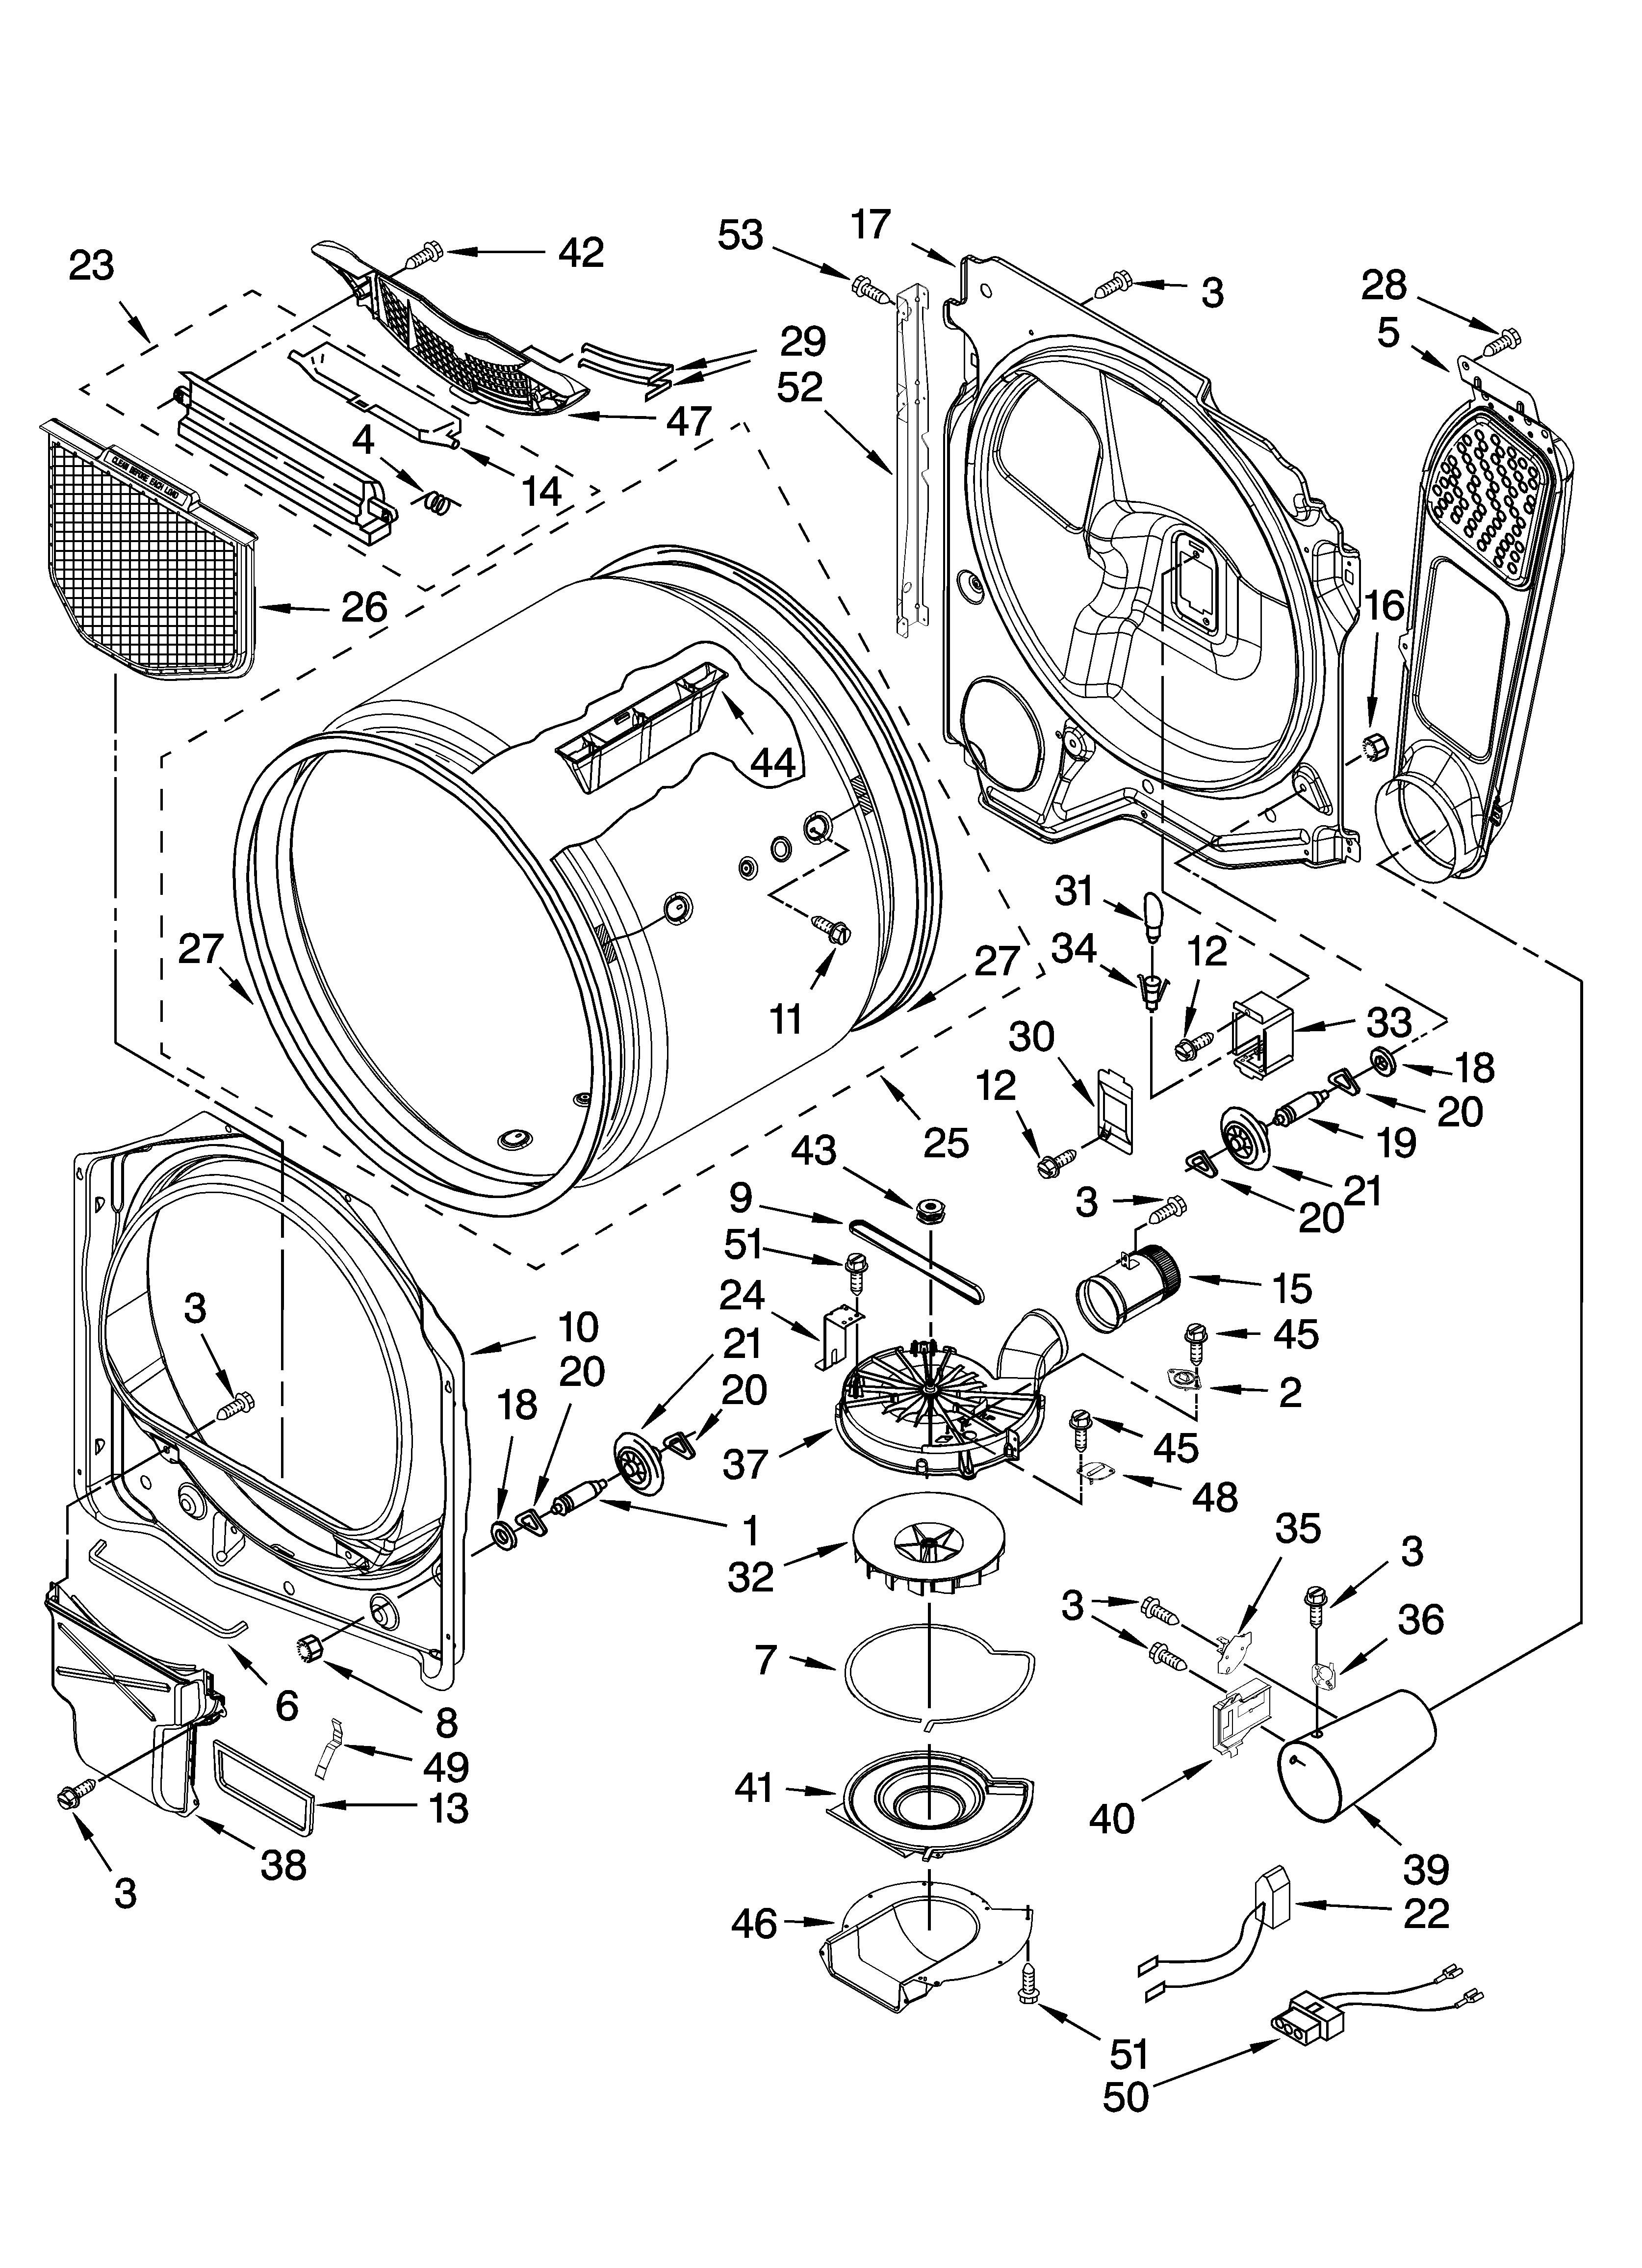 maytag diagrams by 3364  maytag repair maytag repair diagram  maytag repair maytag repair diagram